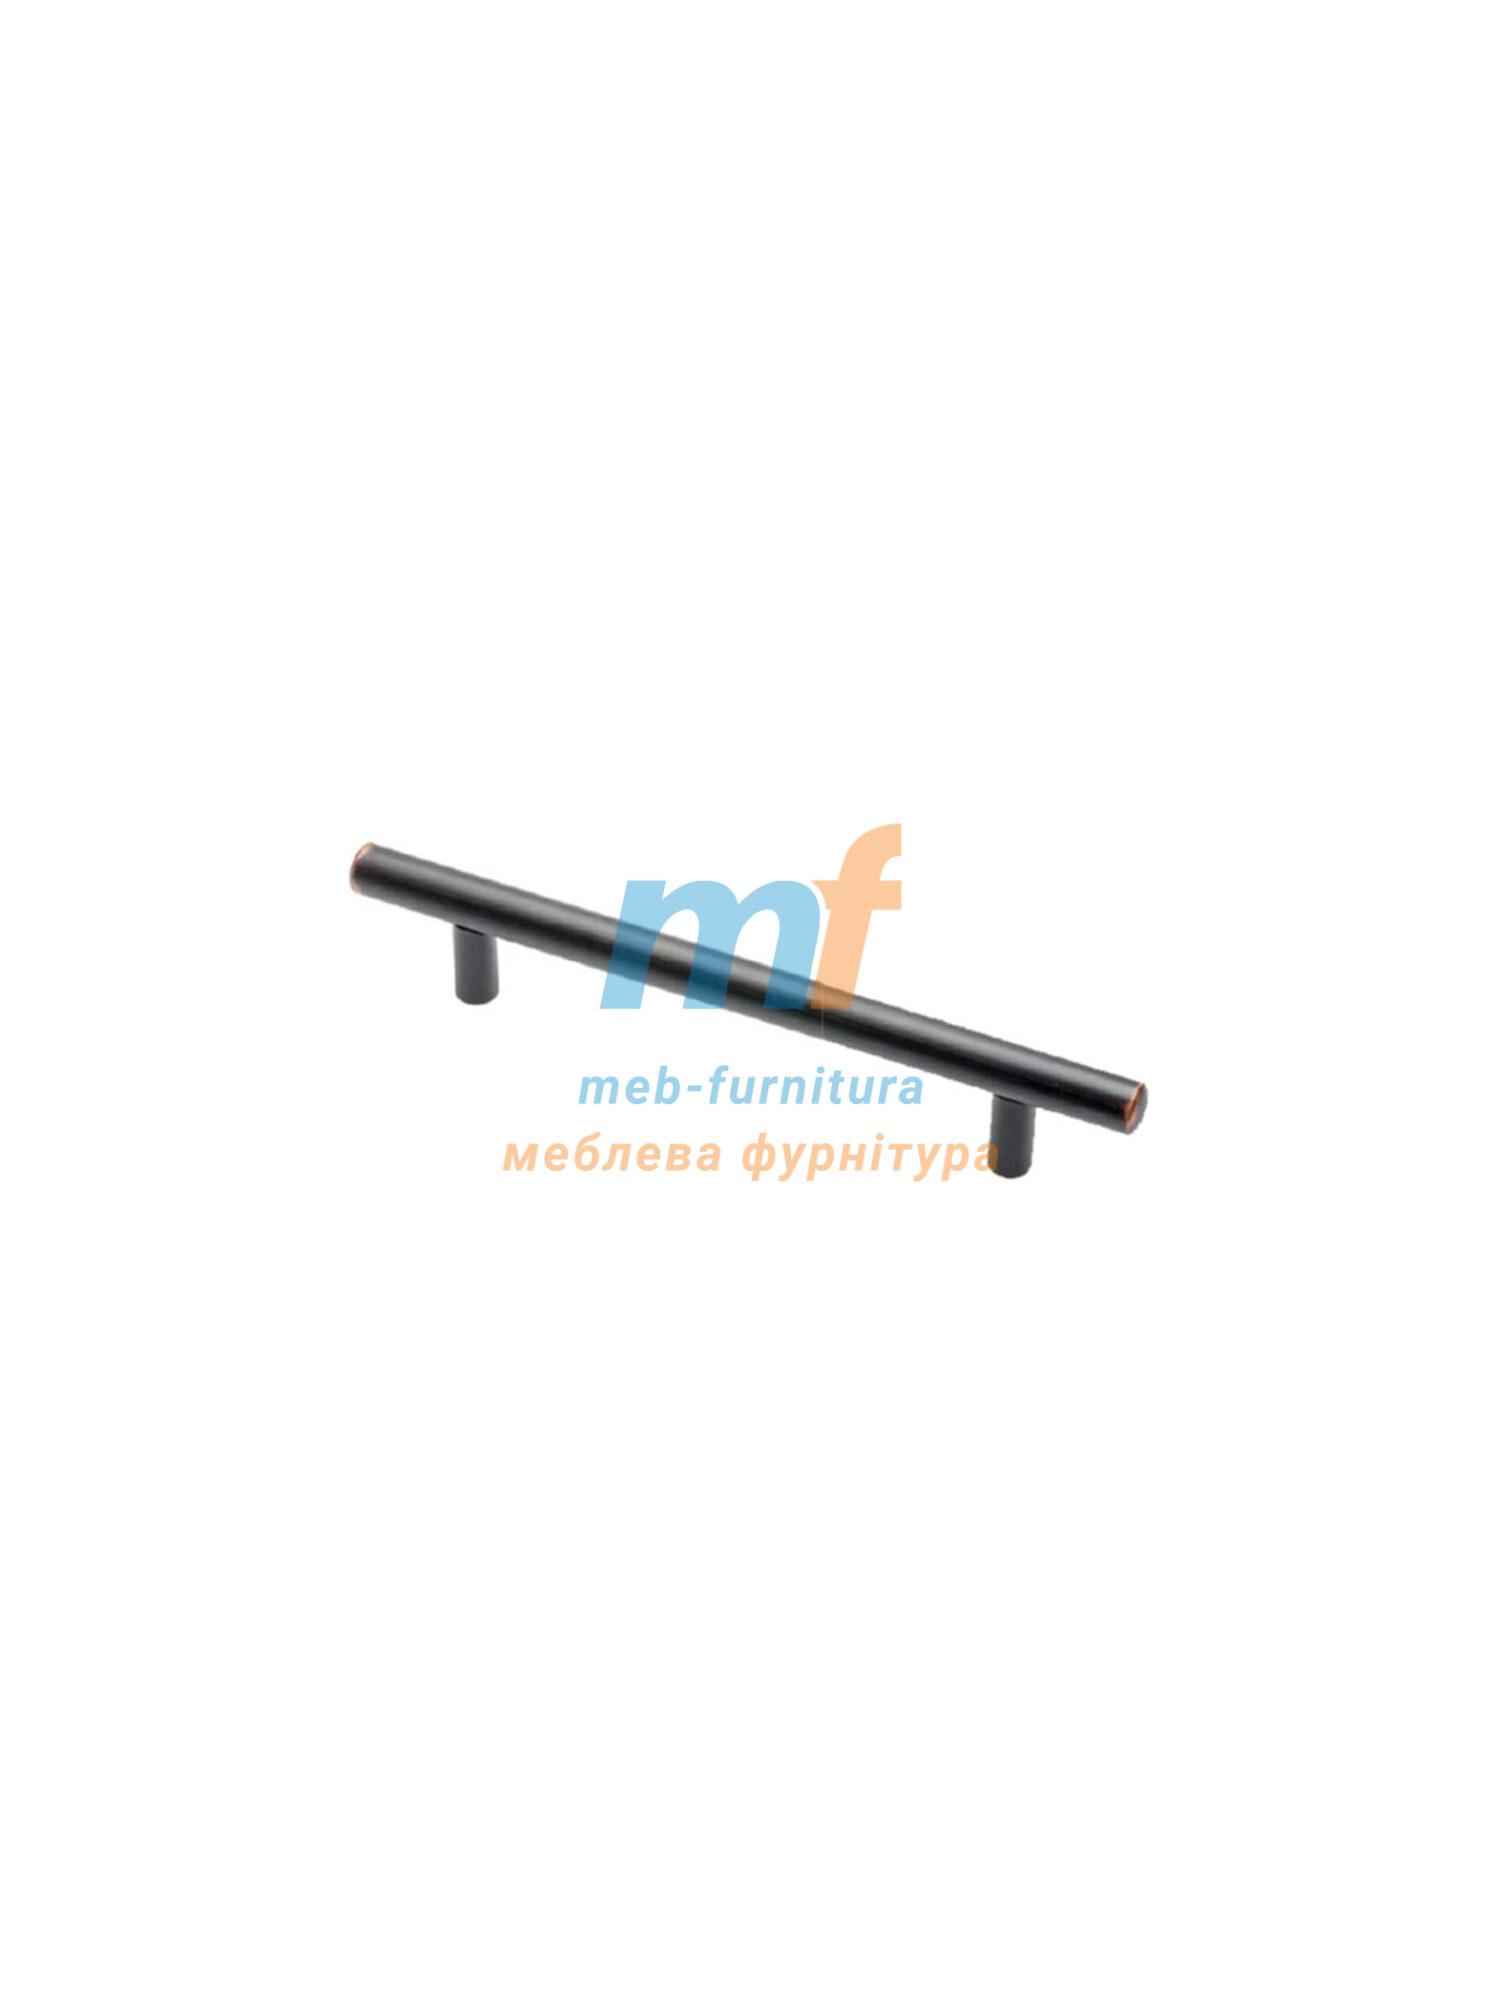 Ручка мебельная релинг 224мм - черная